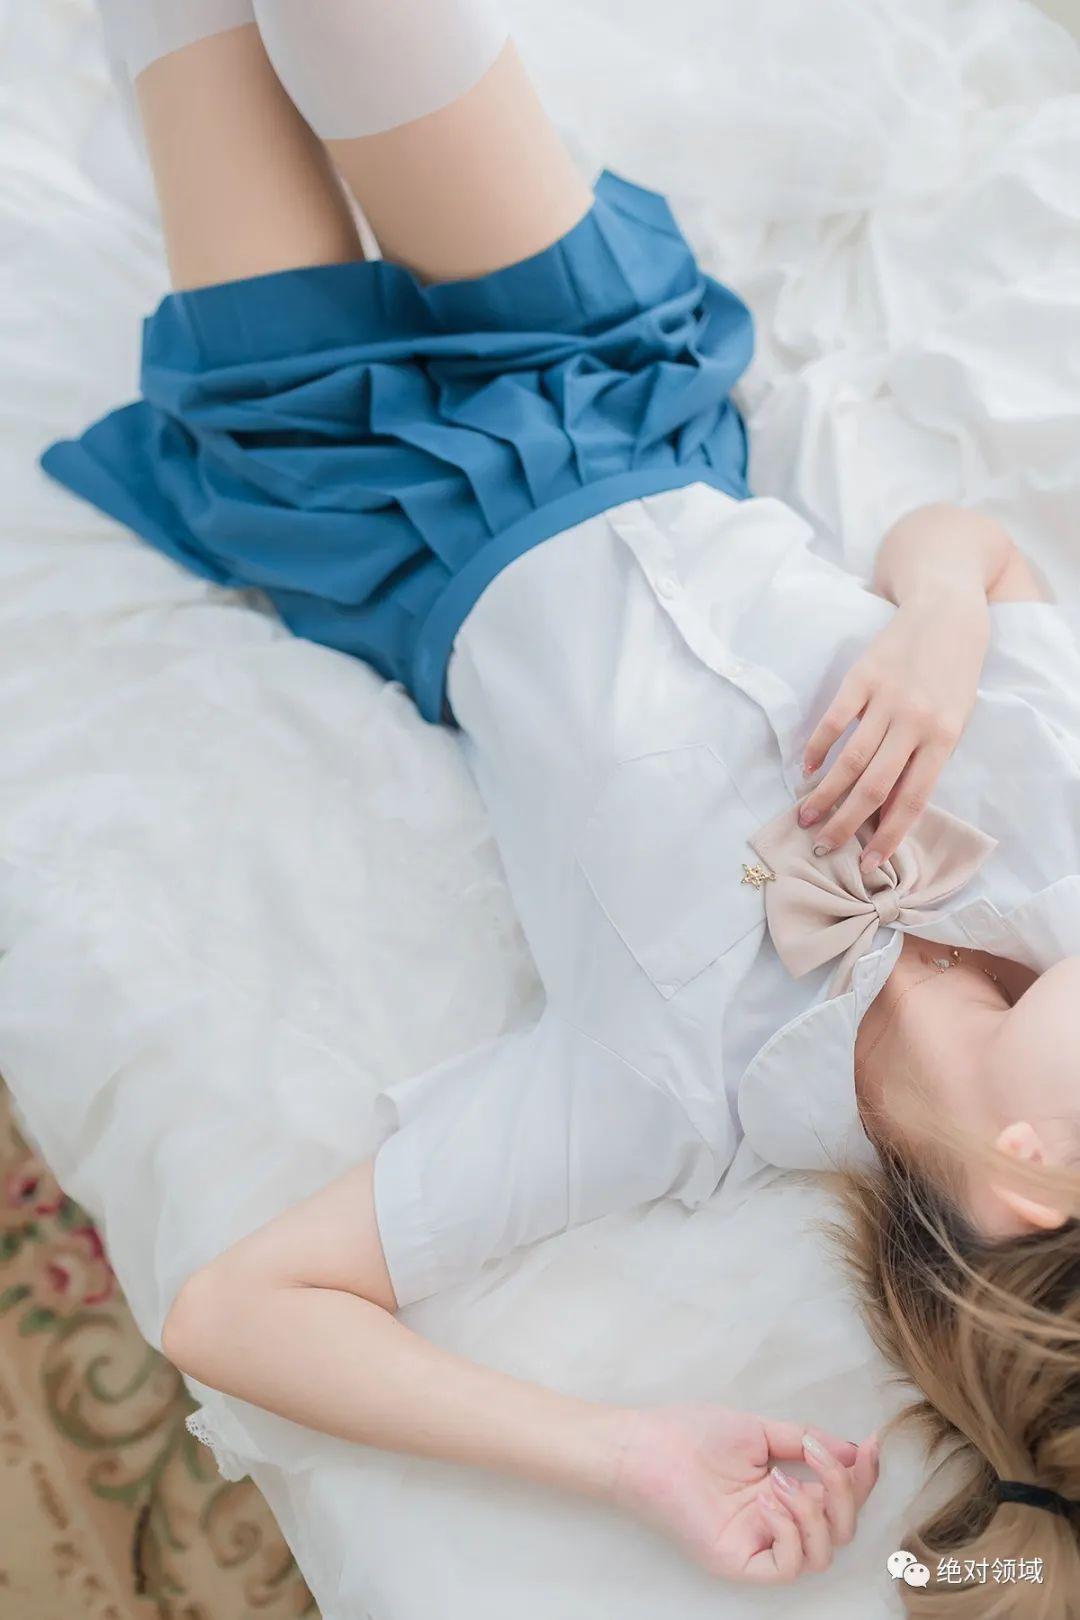 妹子摄影 – JK制服白丝袜,少女的绝对领域太出彩了!_图片 No.2